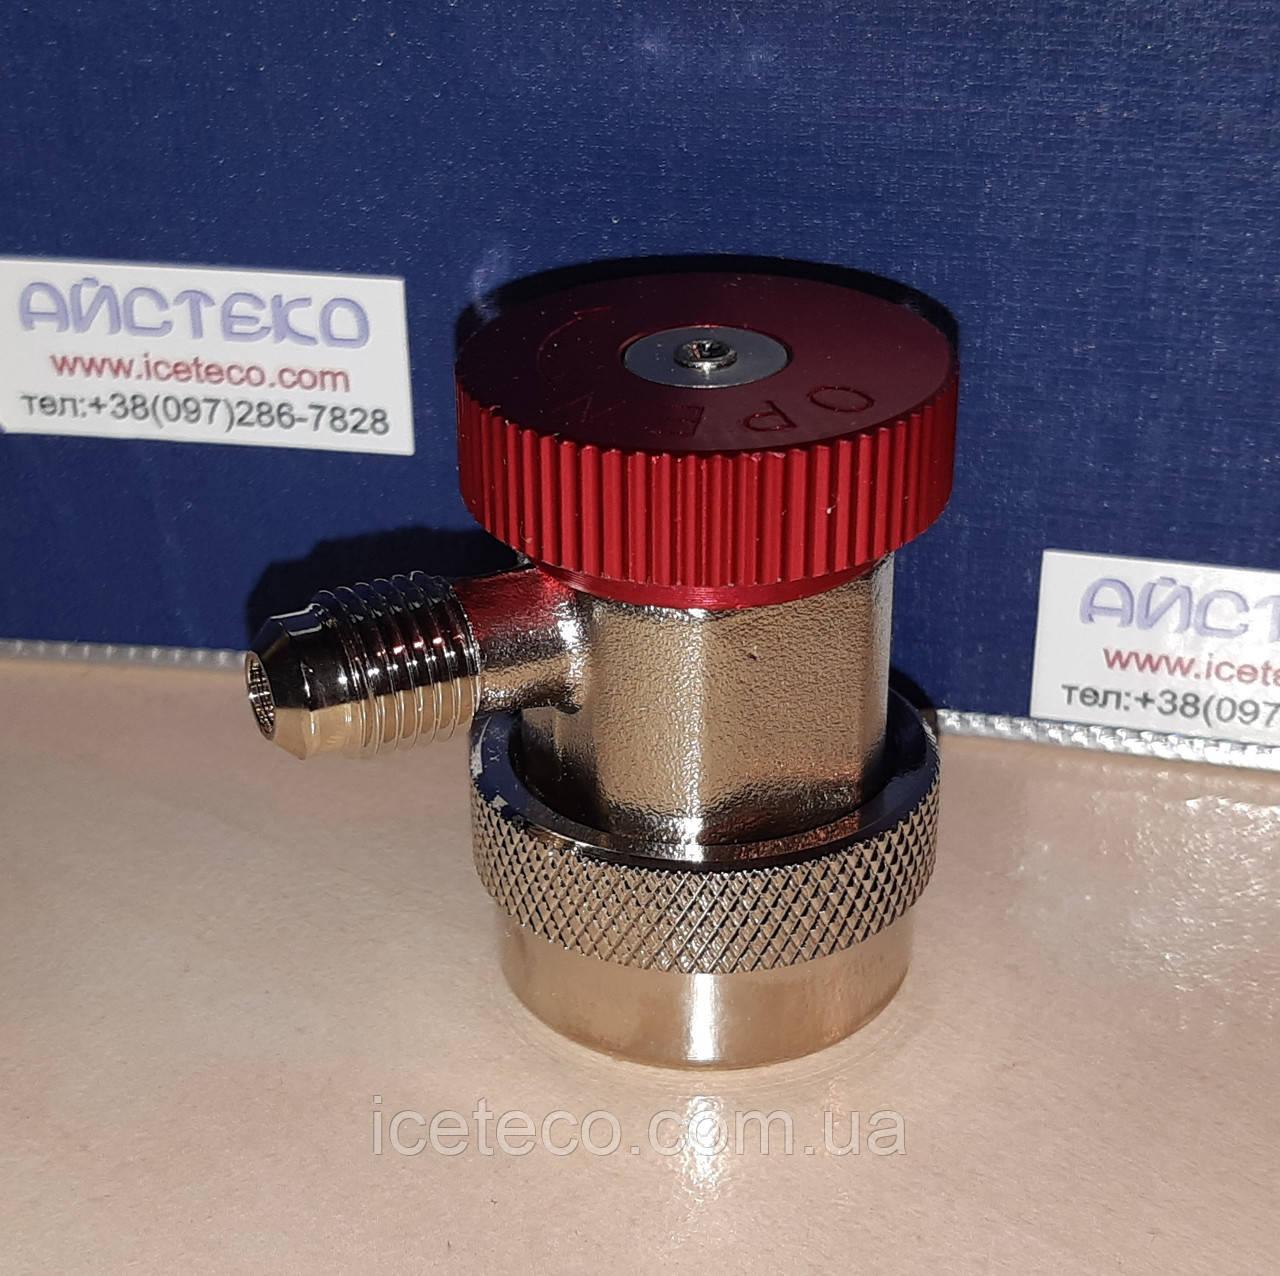 """Быстросъёмная муфта с вентилем HP R134a, 1/4"""" FL-M * 16 мм, 50255-H Gamela"""